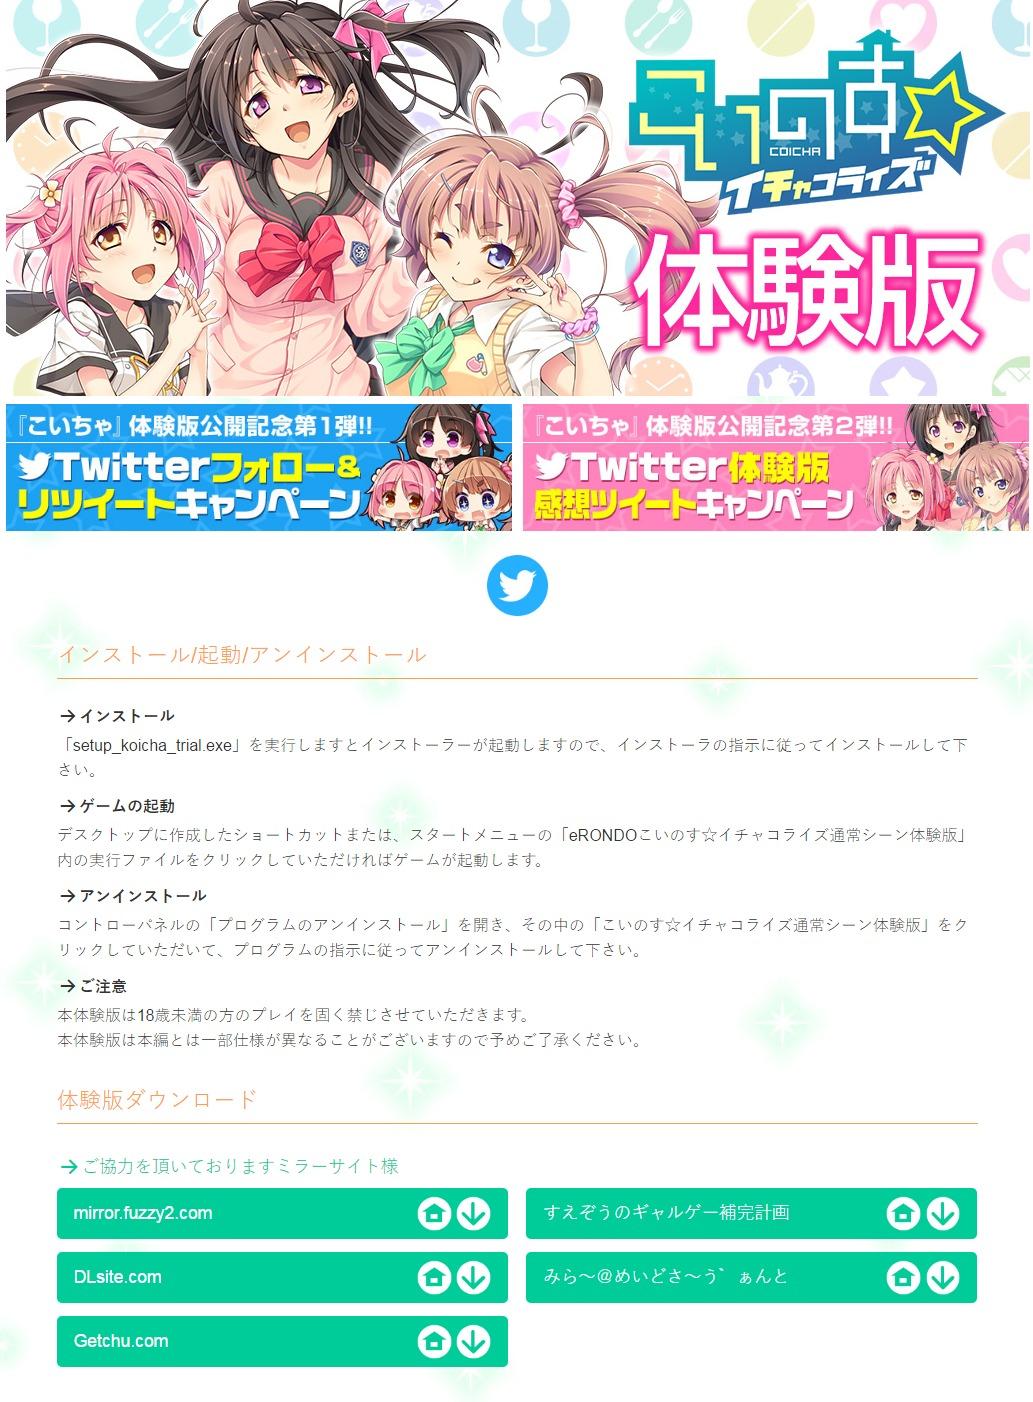 『こいのす☆イチャコライズ』オフィシャルサイト